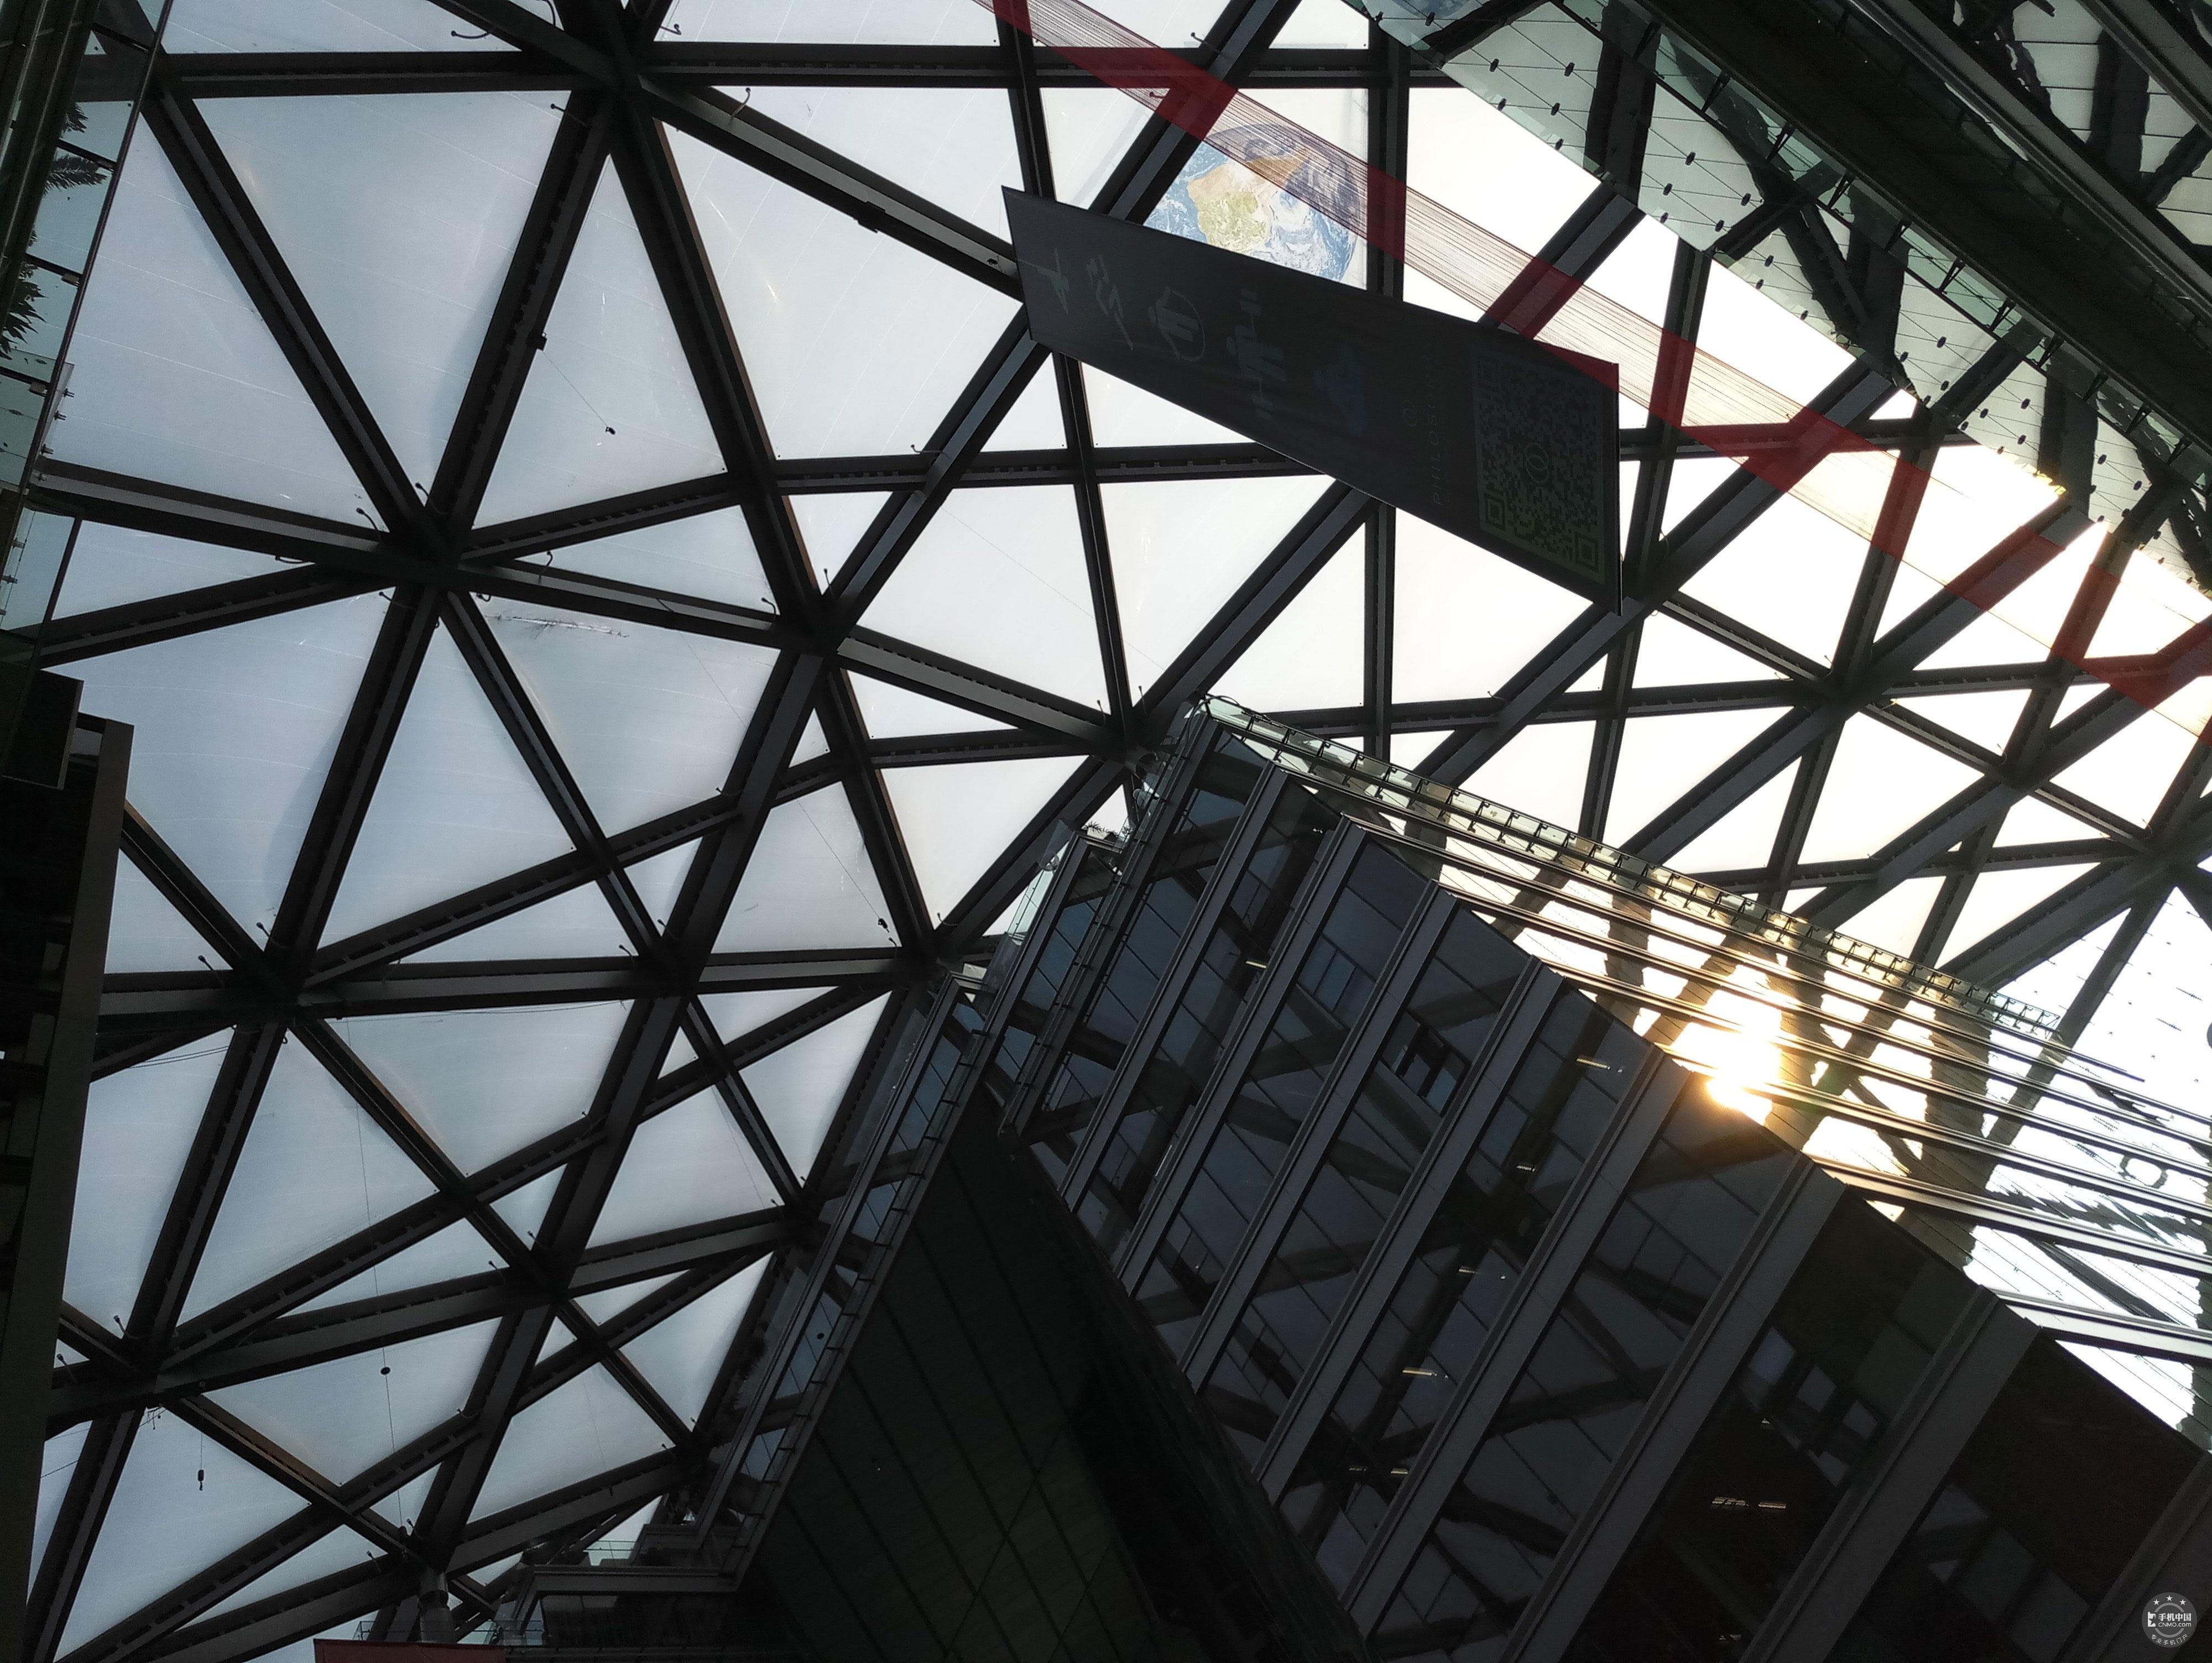 魅族PRO6s手机拍照出来的影像图第1张